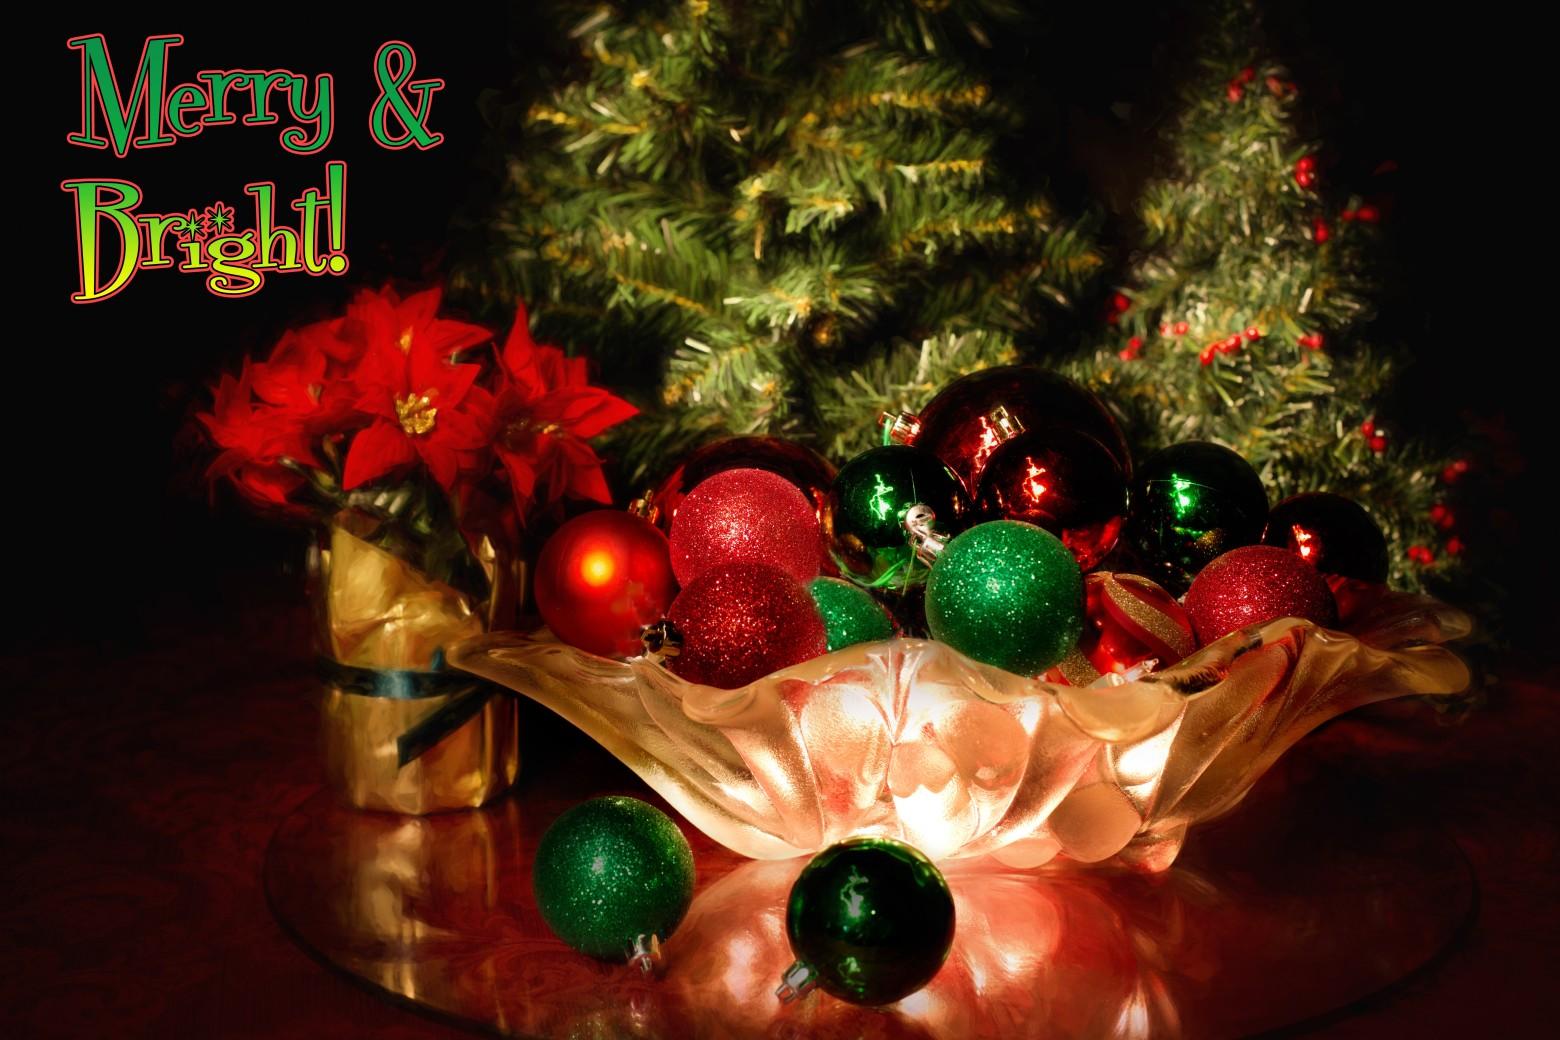 Photos Gratuites Noel Fte Dcoration Nouvel An Images